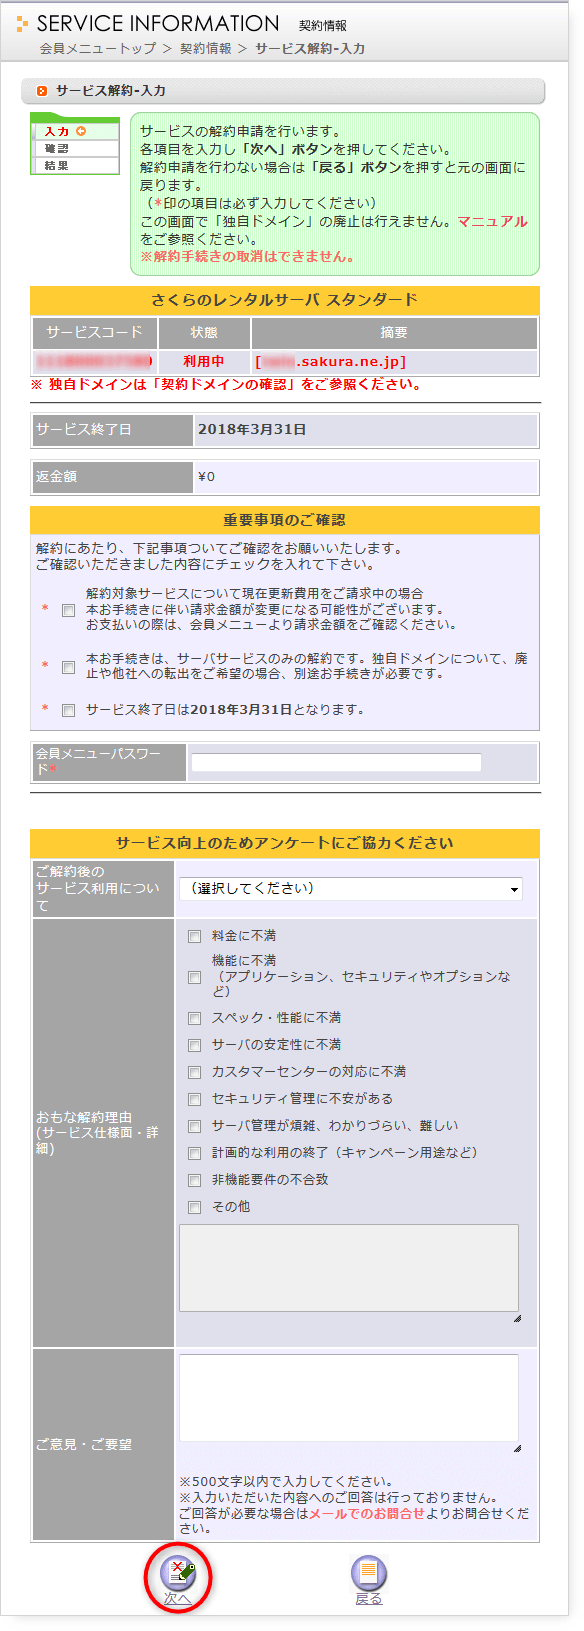 Cancellation of Sakura rental server-04